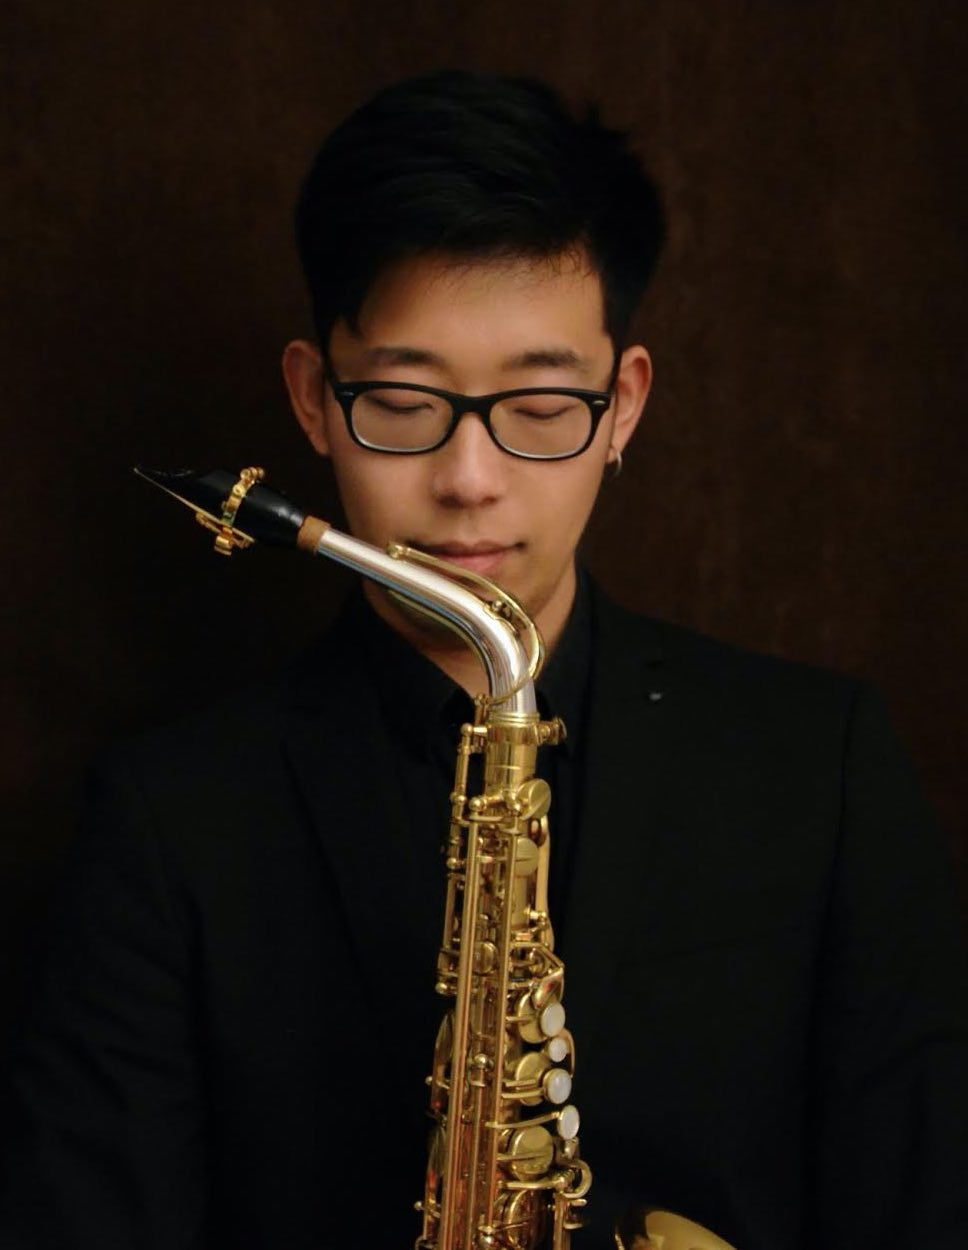 Tongjia HU - Ambassadeur JLV - Ligature JLV pour saxophone